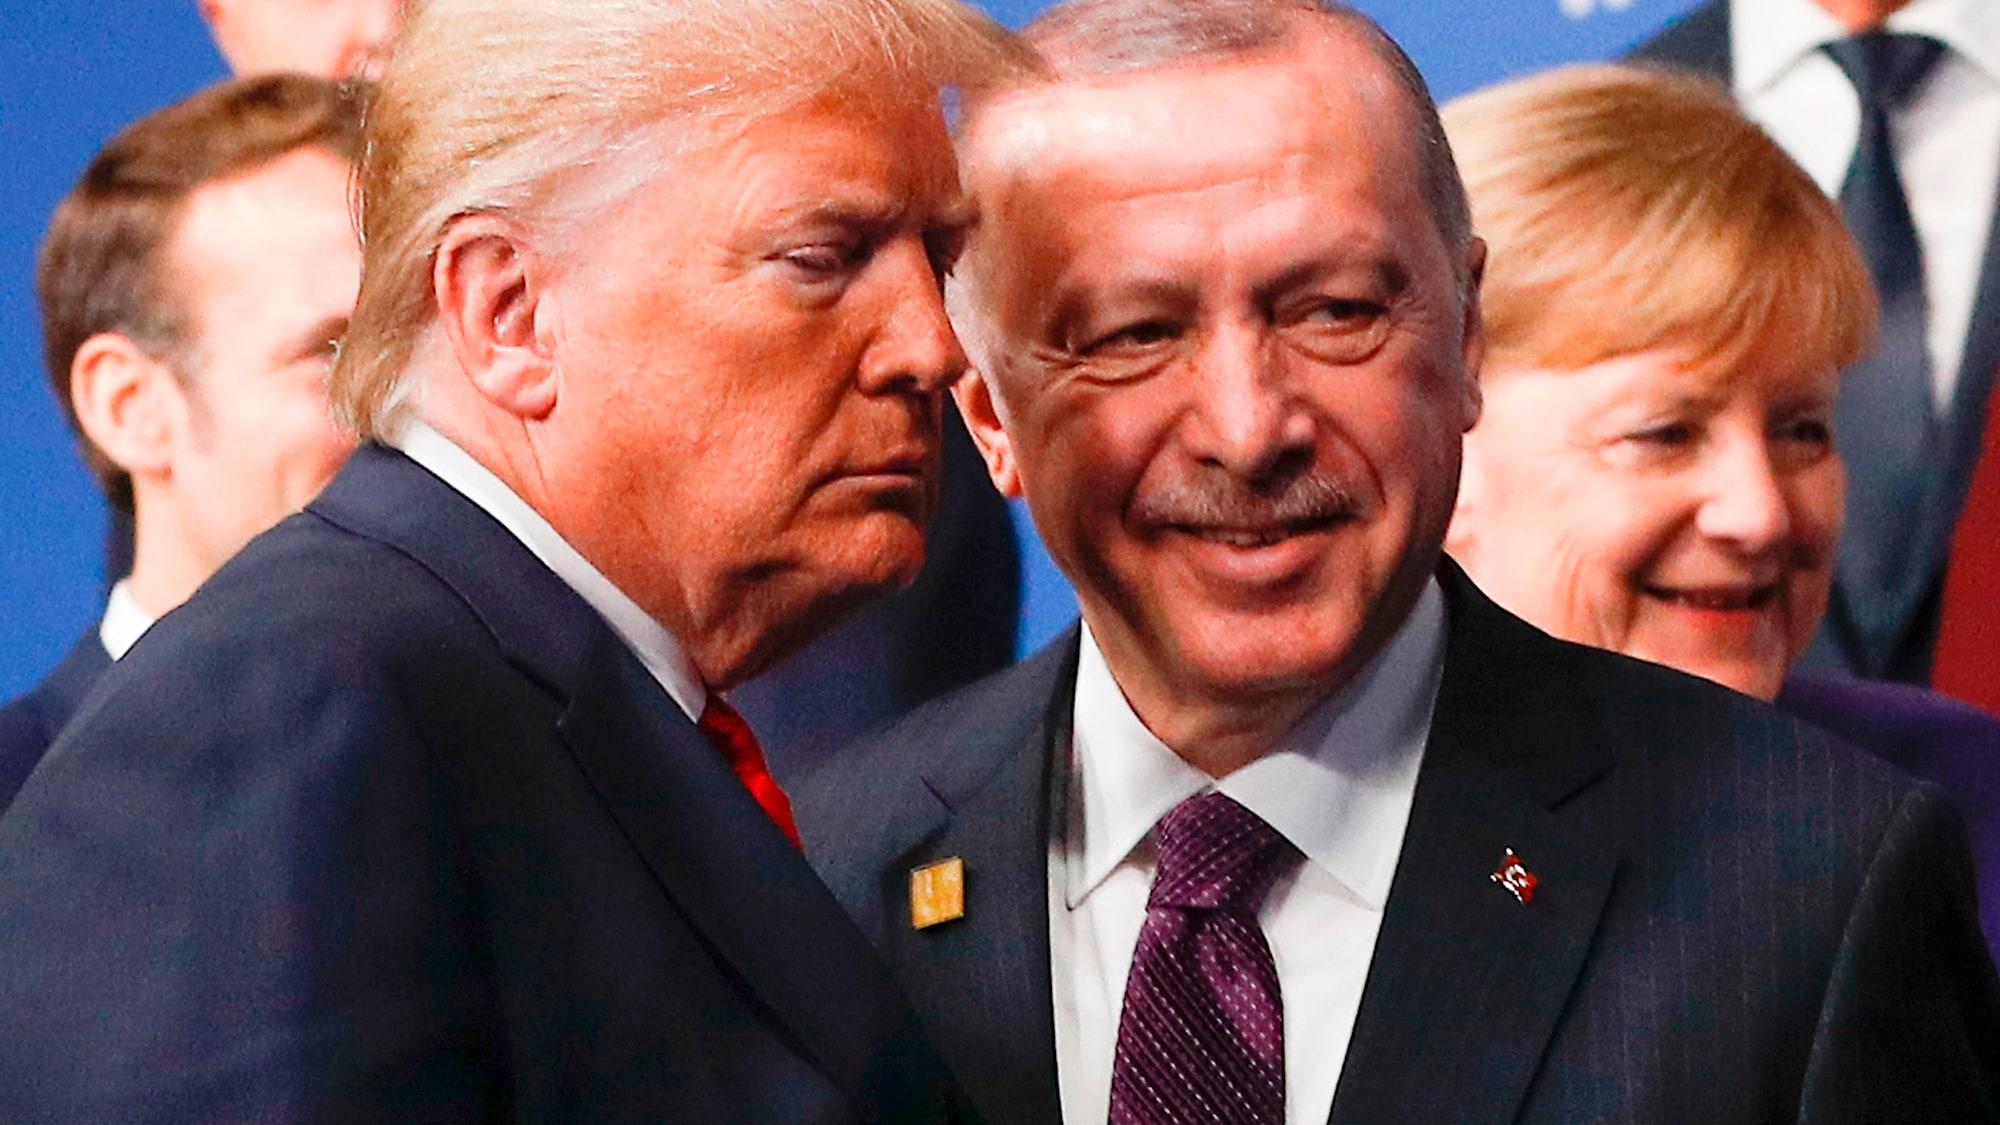 Make-up von Zuger Firma macht US-Präsidenten orange – Chefin sagt: «Trump trägt etwas zu dick auf»